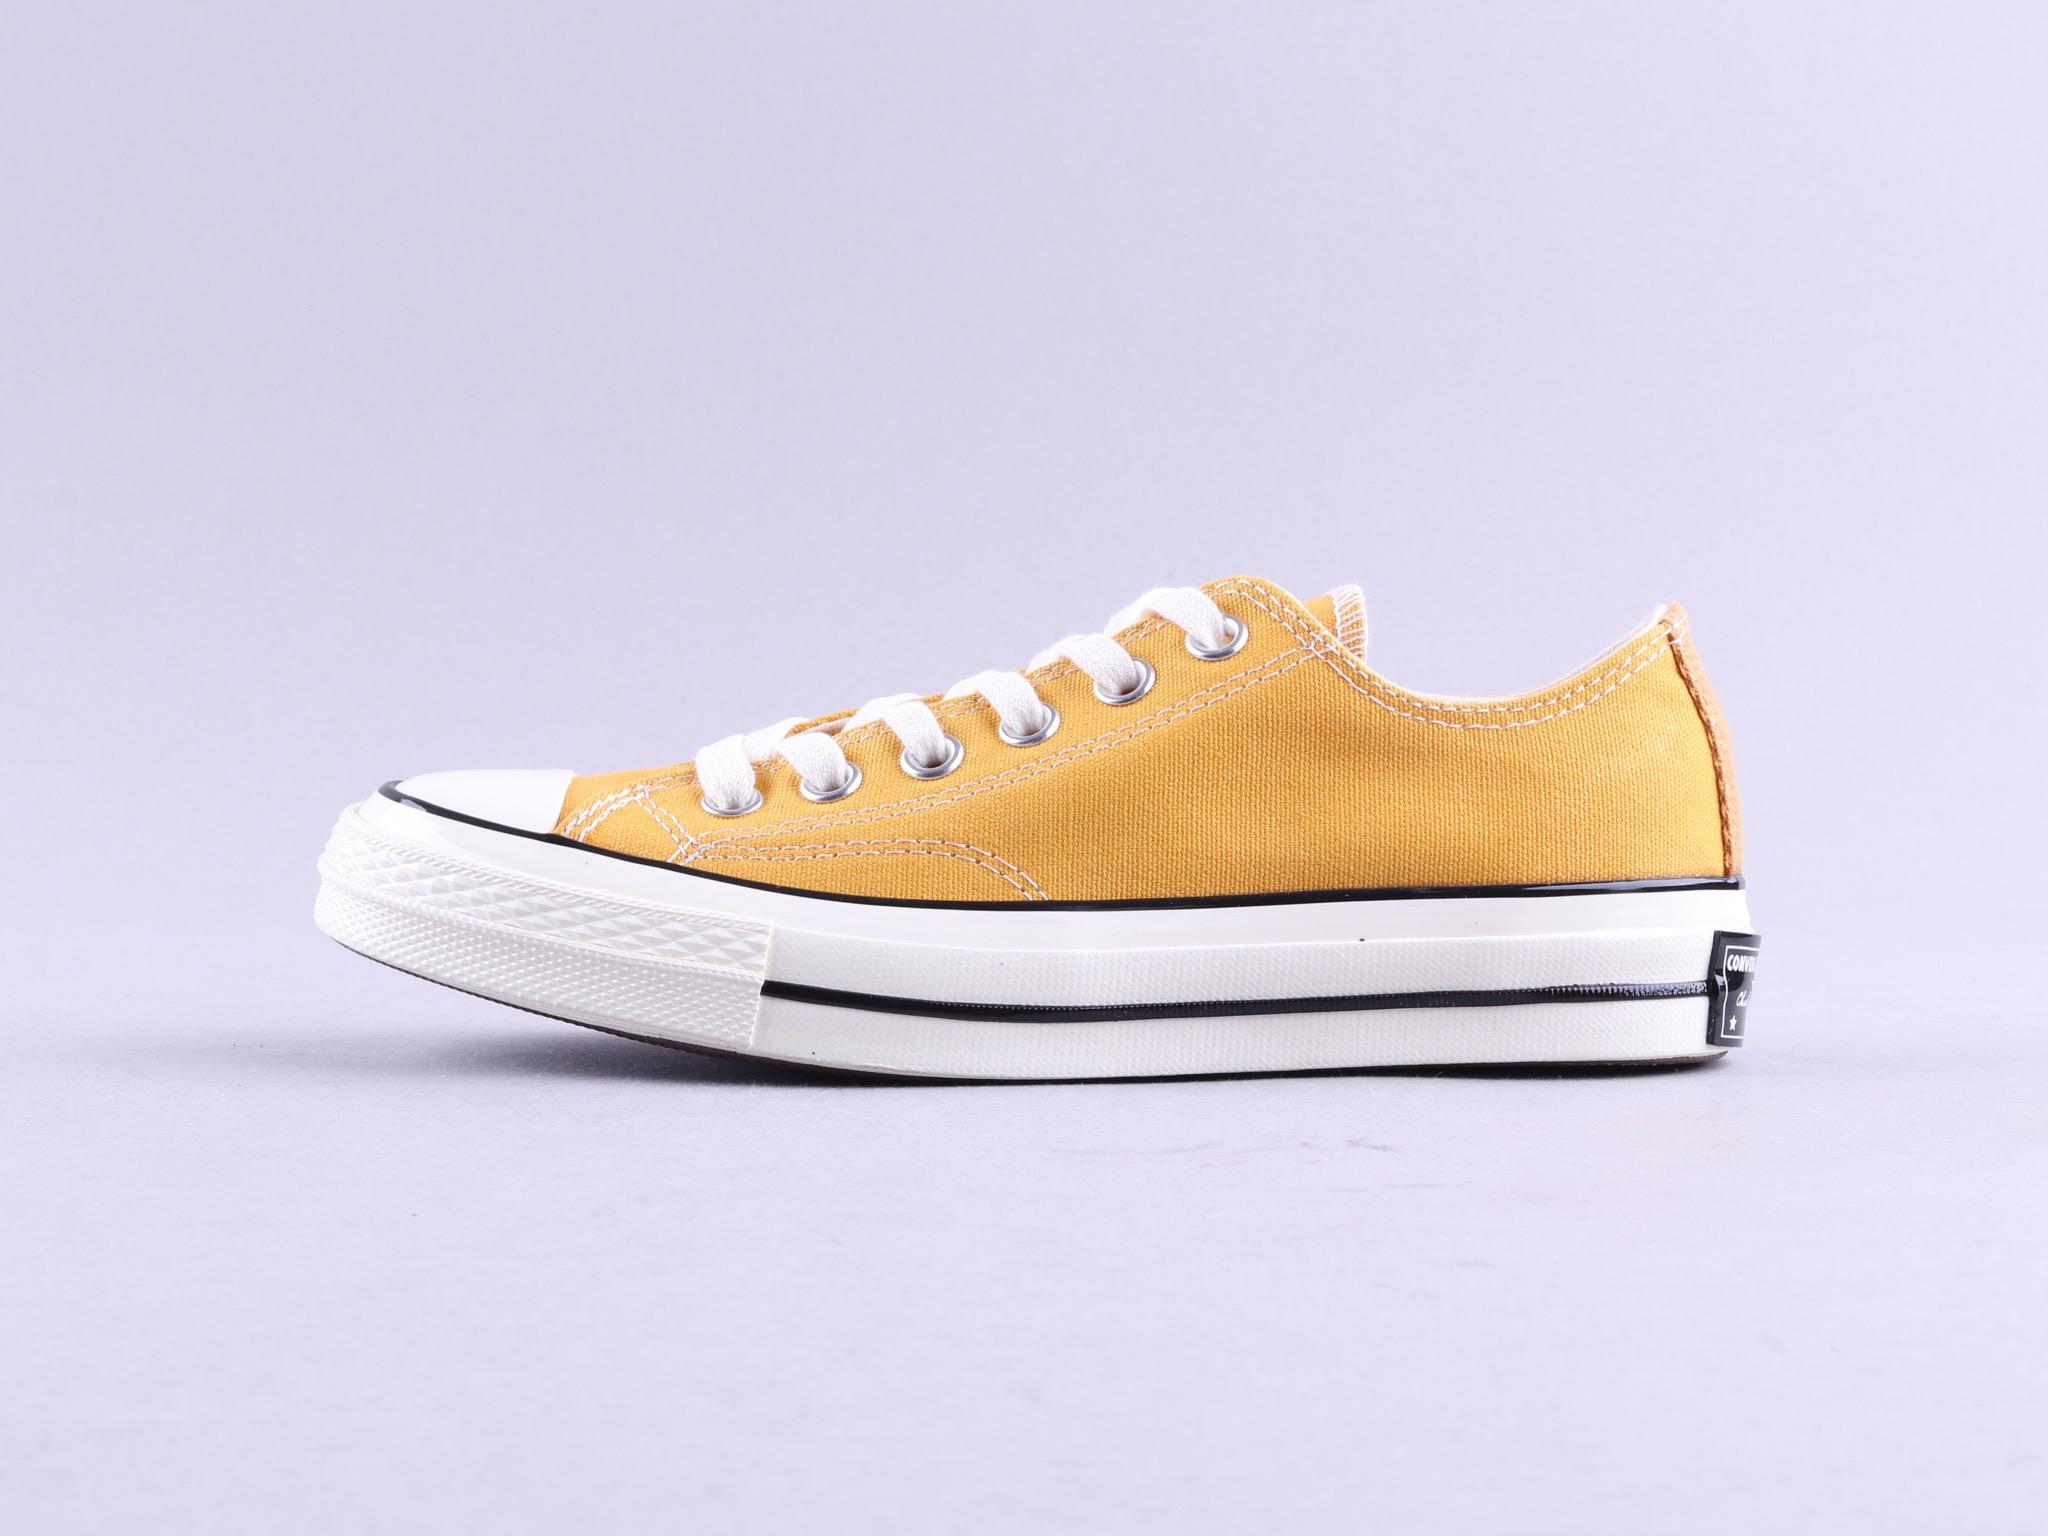 18新款 Converse All Star 70s 三星标黄色低帮